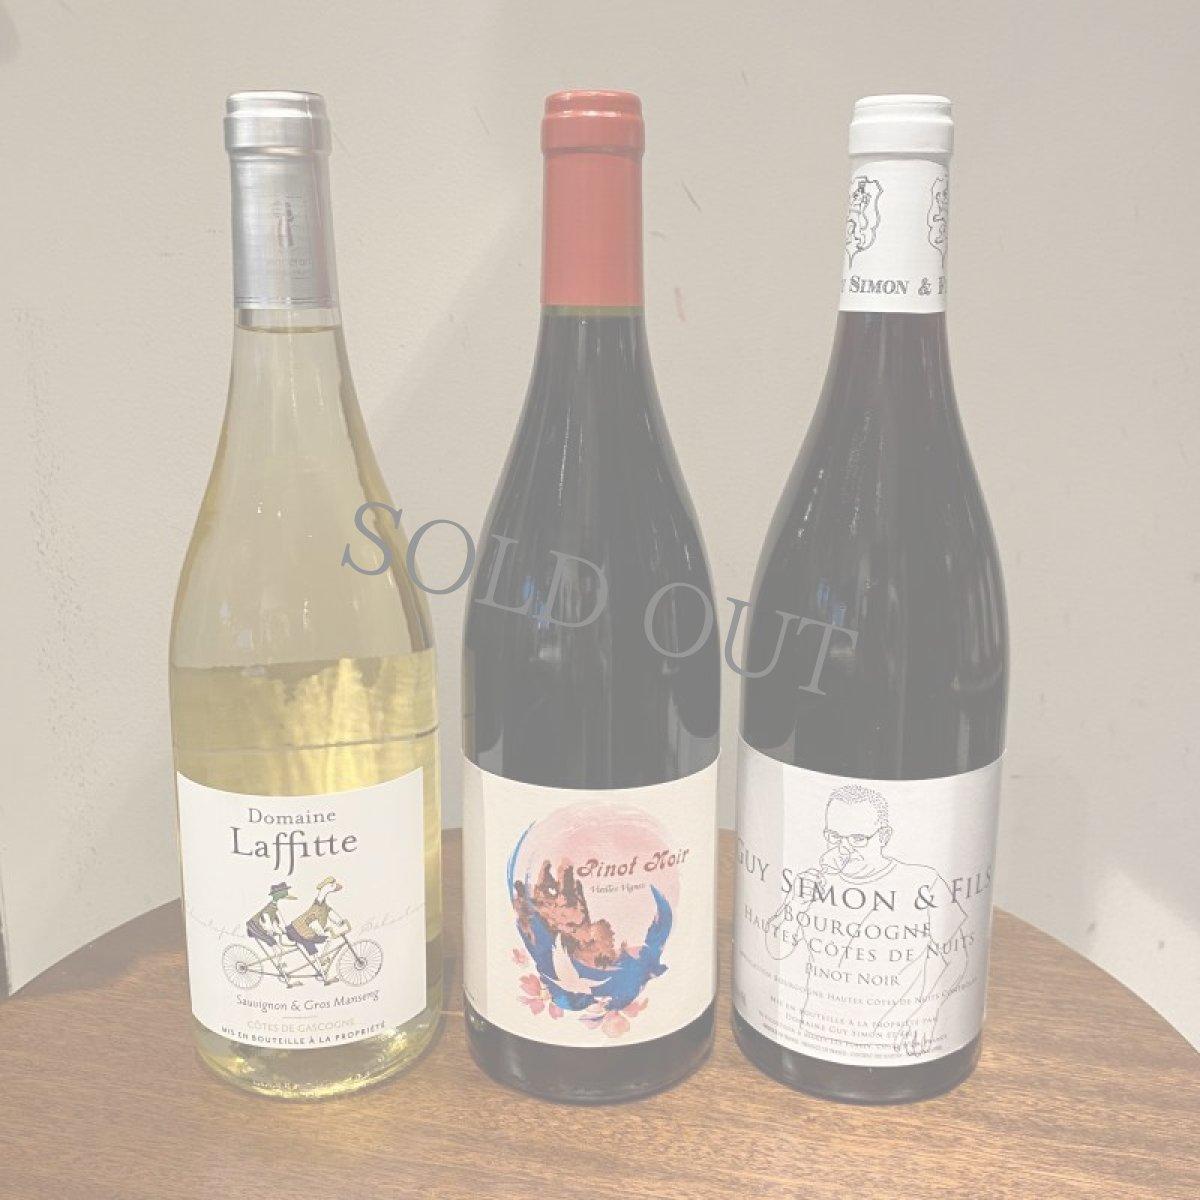 画像1: 【限定6セット】インスタライブ!ダニエルさんセット(ワイン3本)+チーズありなし選べます♪ (1)